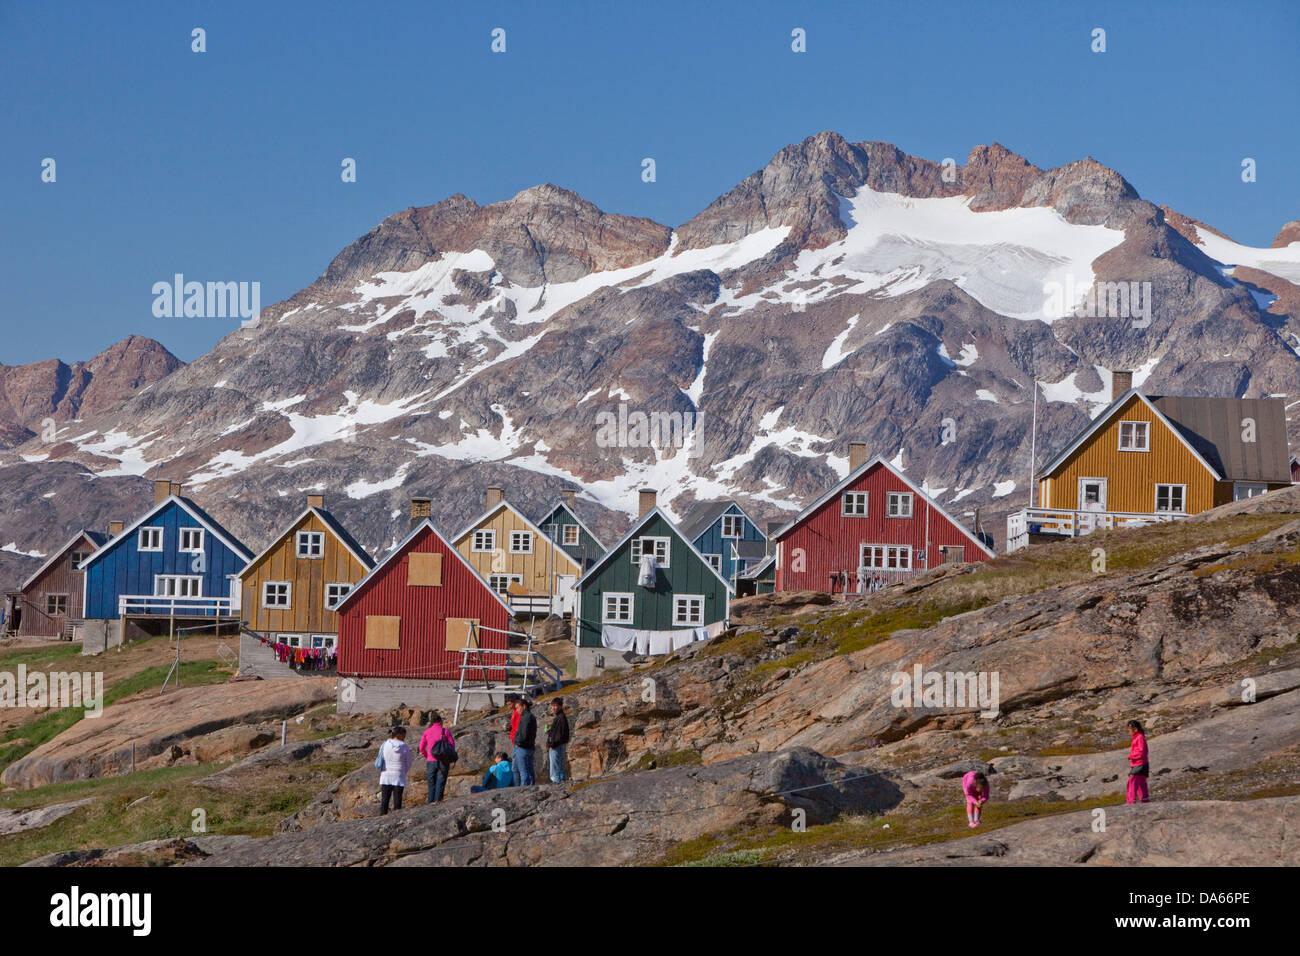 Tassiilaq, maisons, maisons, village, ville, l'Est du Groenland, au Groenland, Photo Stock